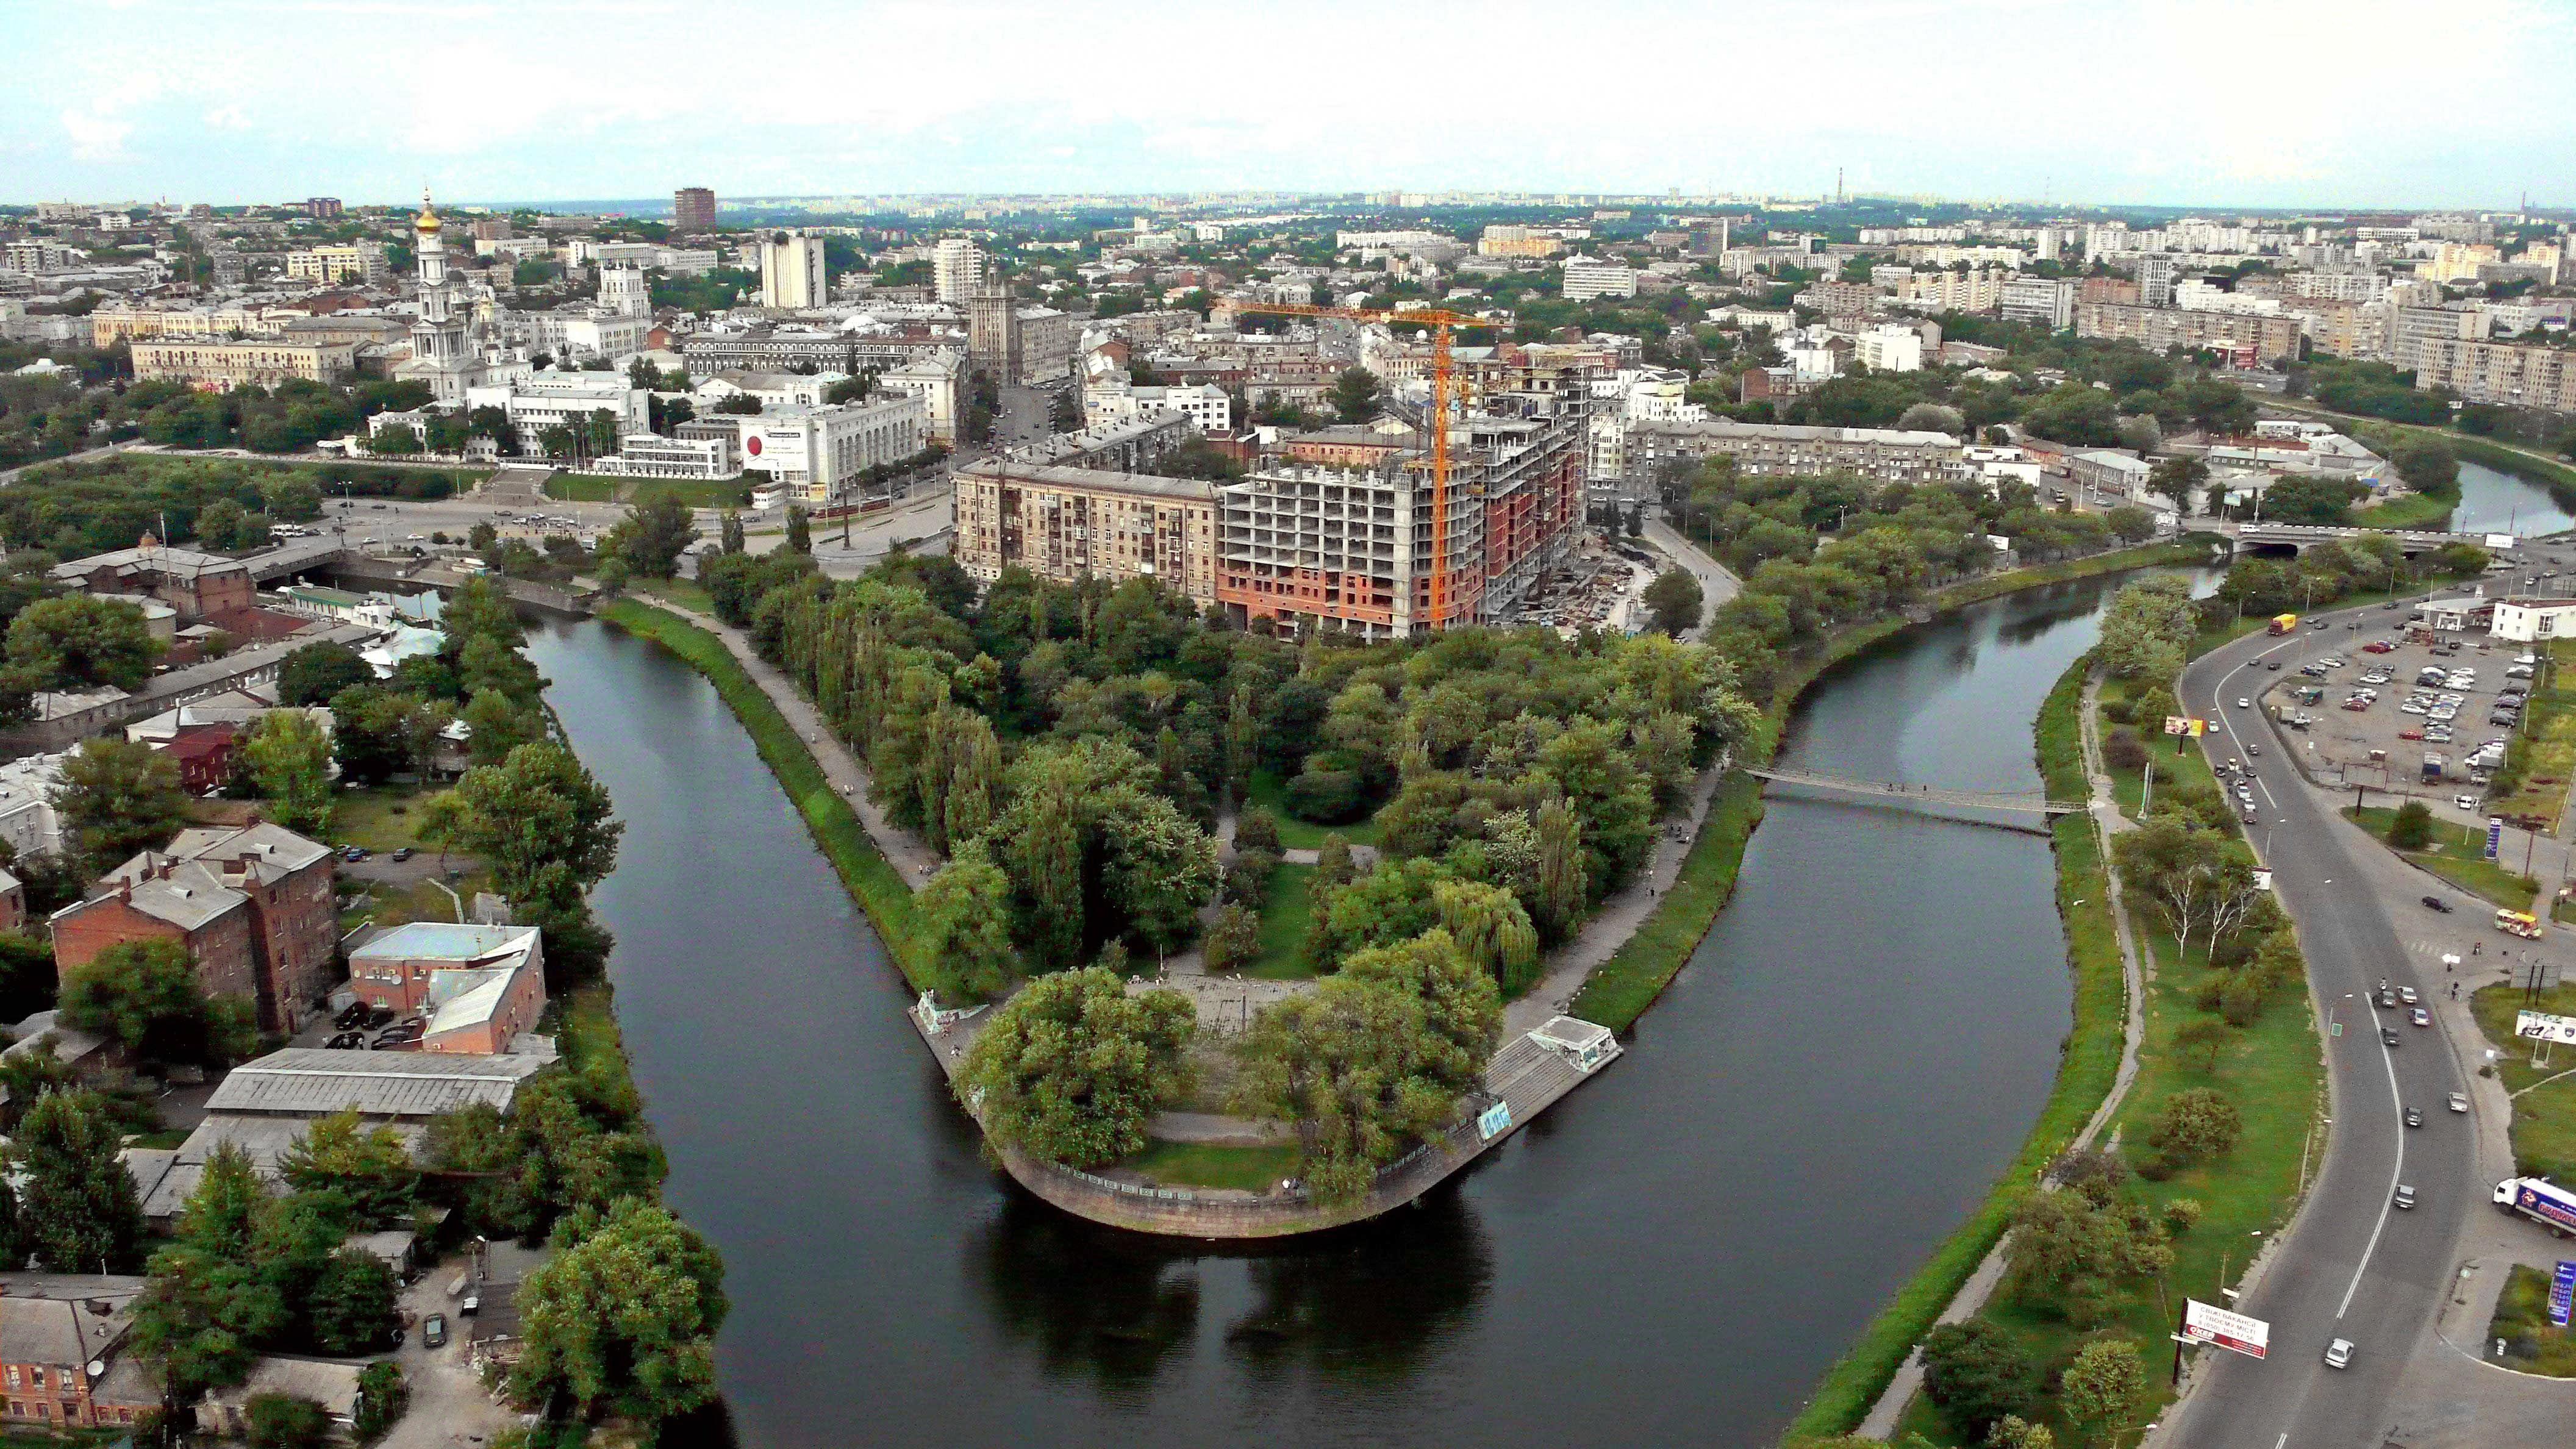 ¿A qué país pertenece Kharkiv/Járkov?